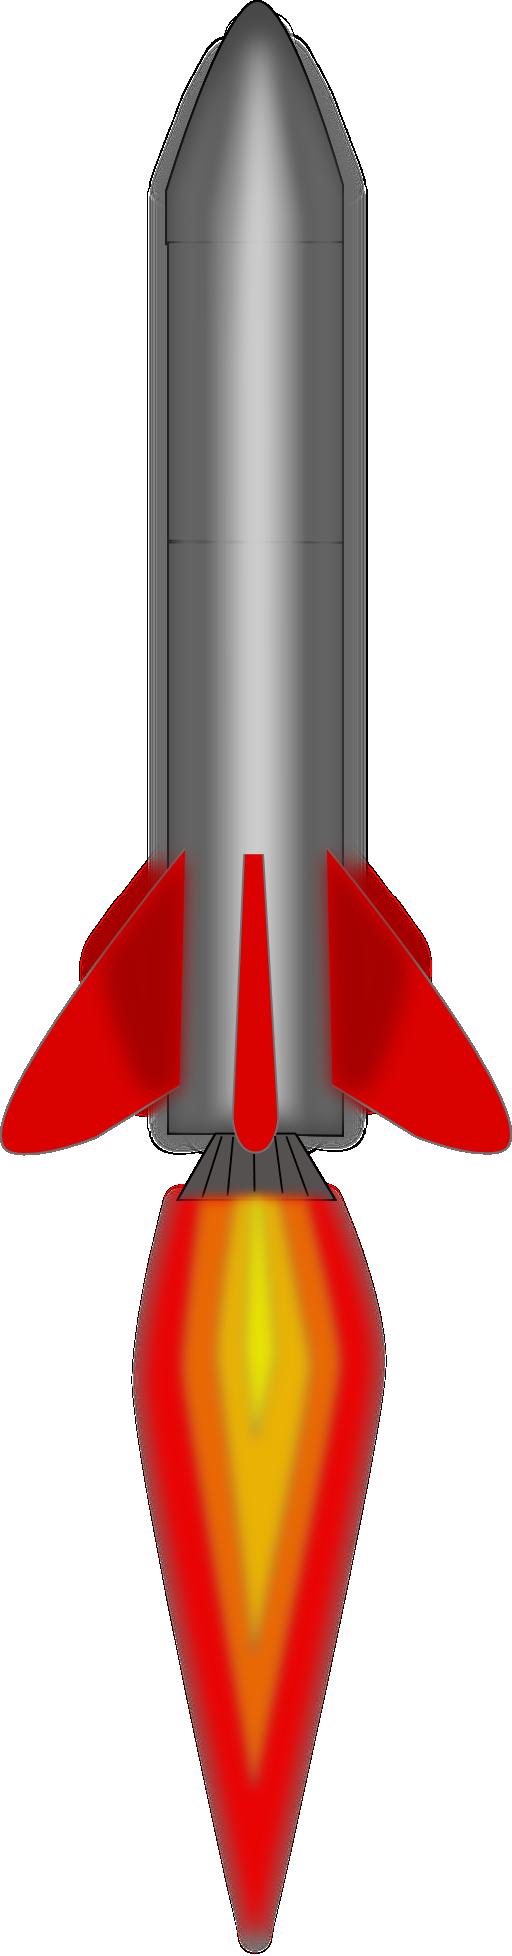 clipart-rocket-512x512-3e8f.png